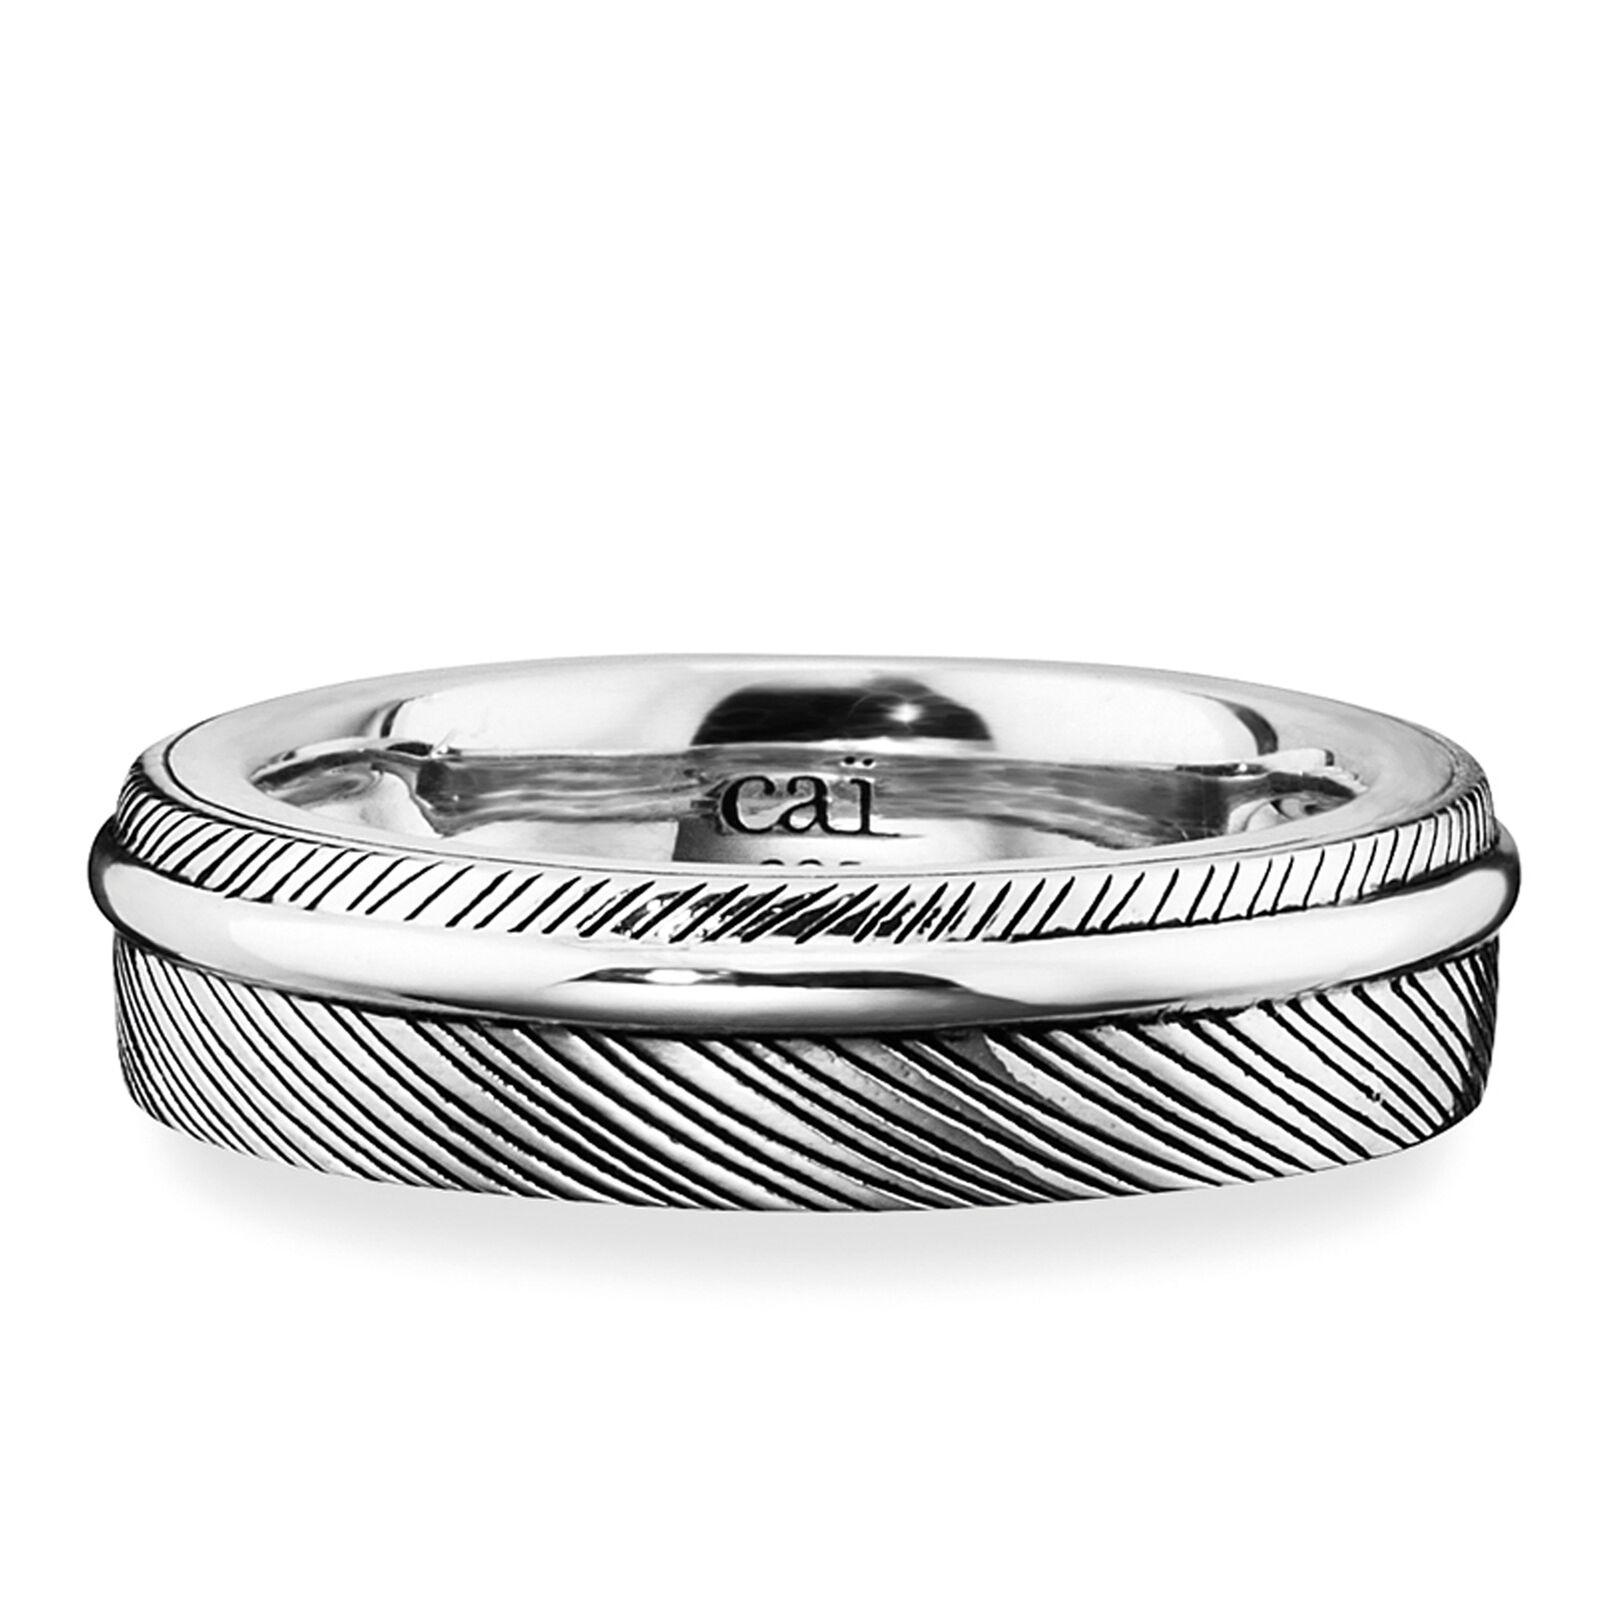 Details zu cai men Ring 925 Sterling Silber rhodiniert Feder Design schwarzer Lack Herren